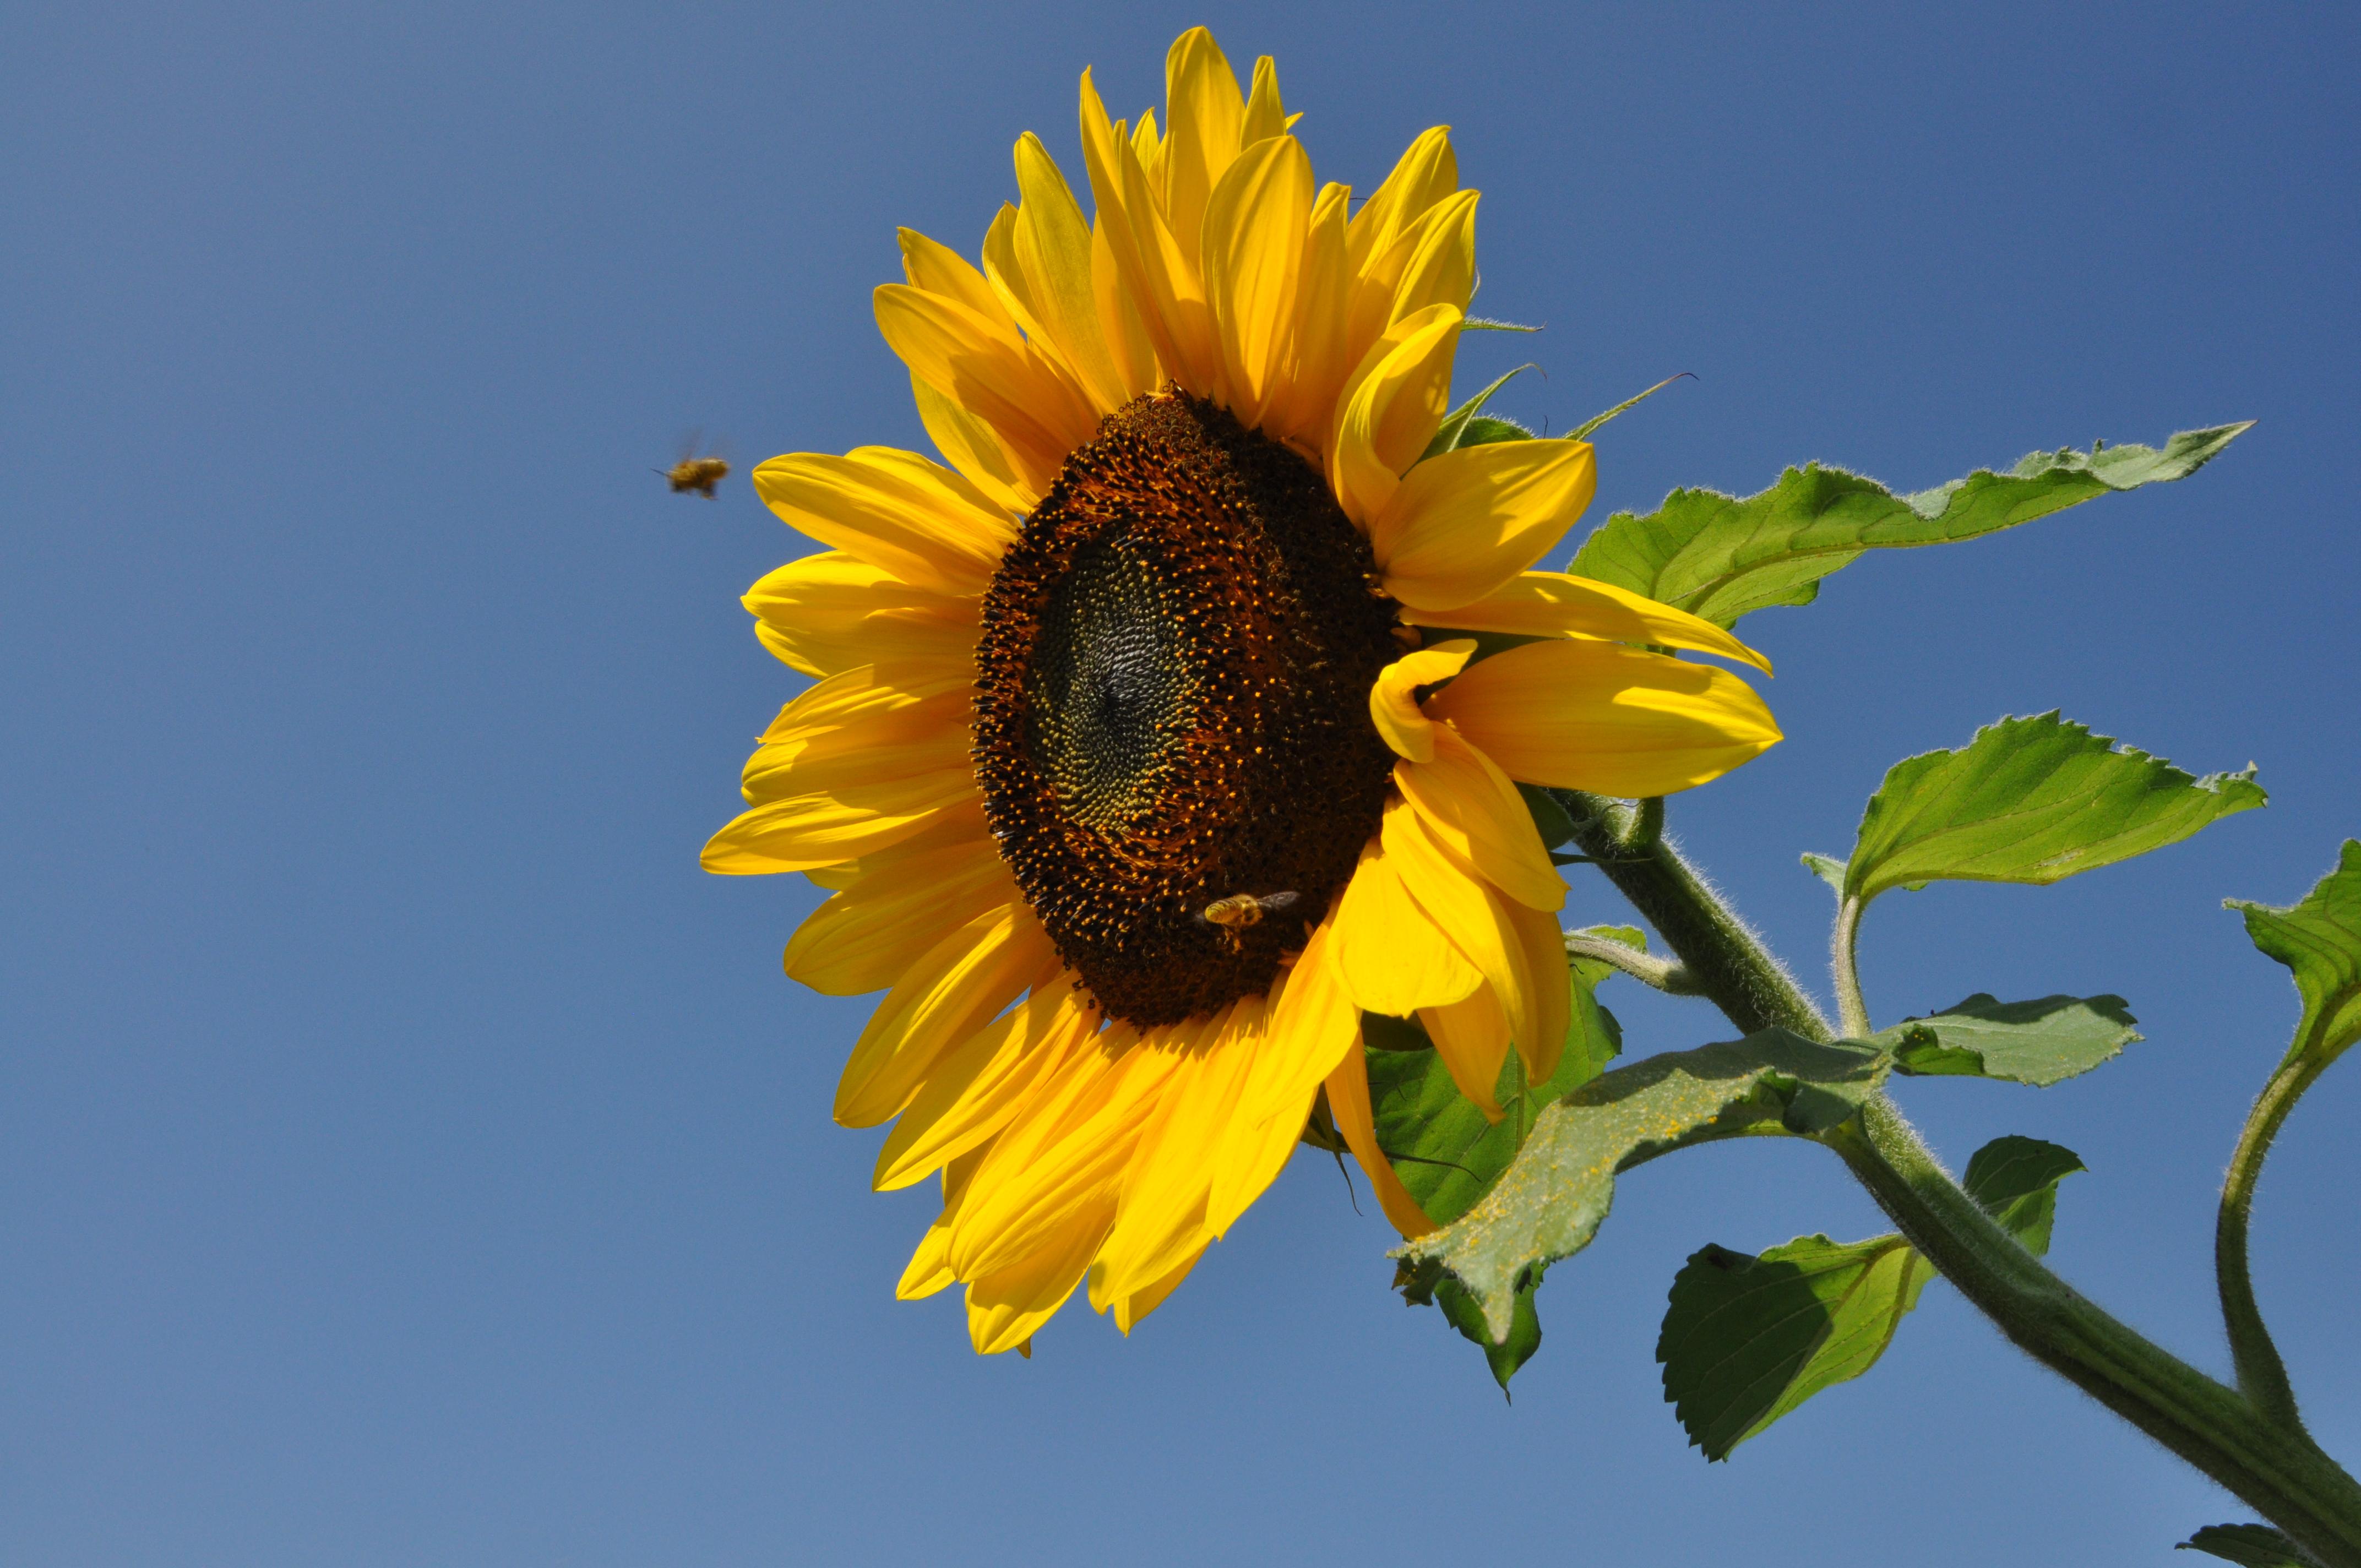 pin mit sonnenblumen top deko geschenk wohnen dekorieren 009103345 on pinterest. Black Bedroom Furniture Sets. Home Design Ideas